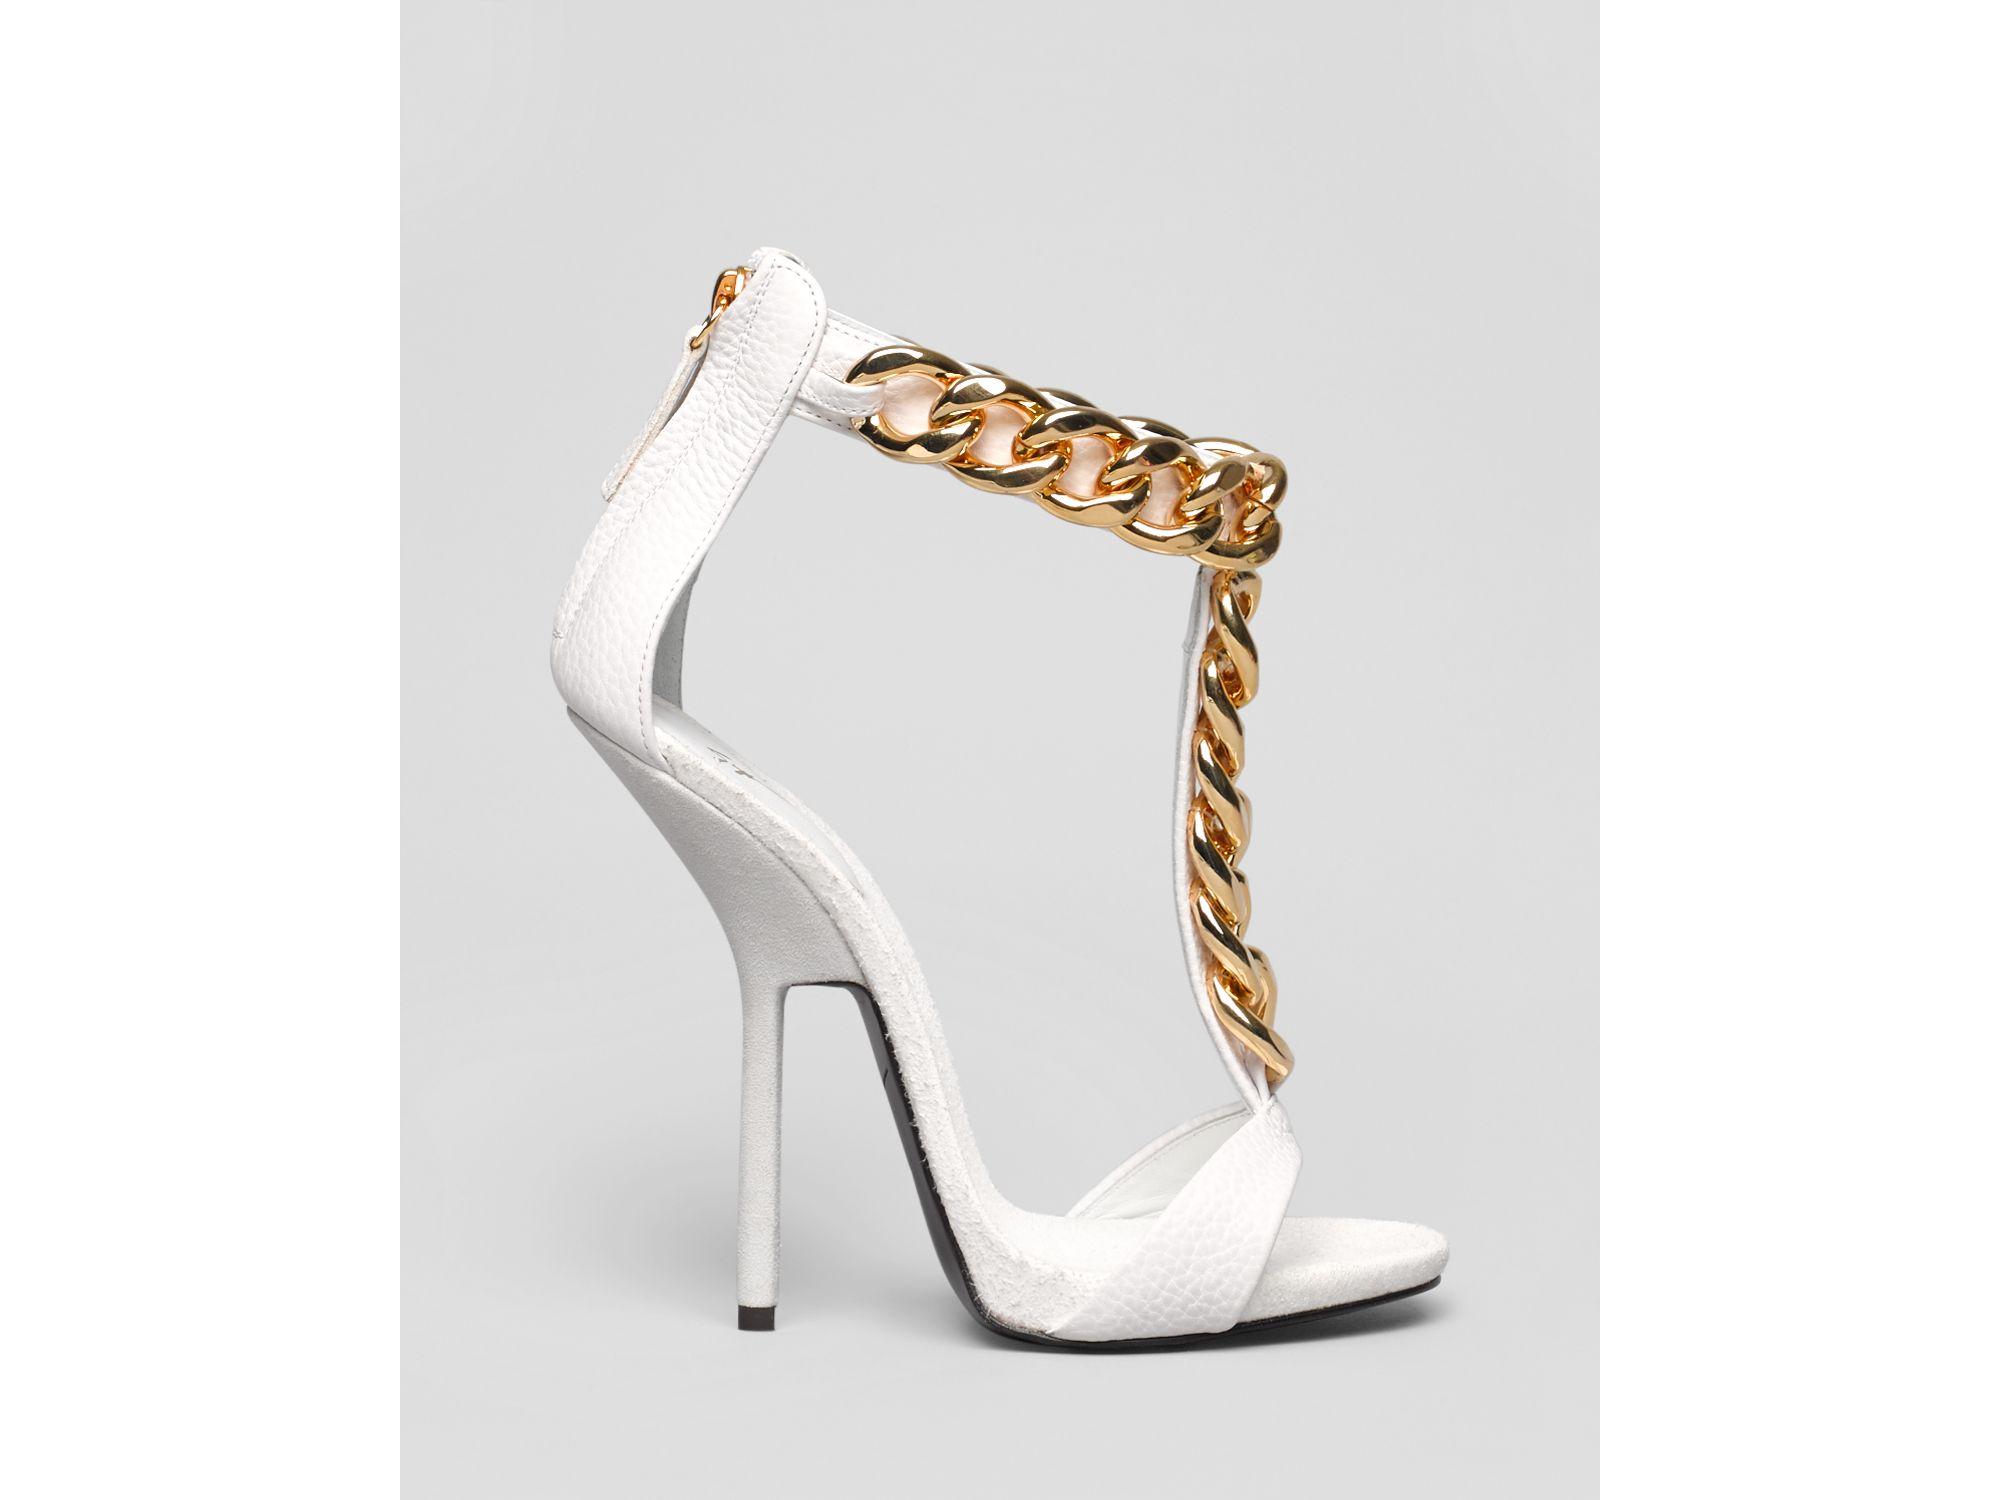 3e9014a2f096 ... uk lyst giuseppe zanotti t strap chain platform sandals alien high  96f4e 3bc2f